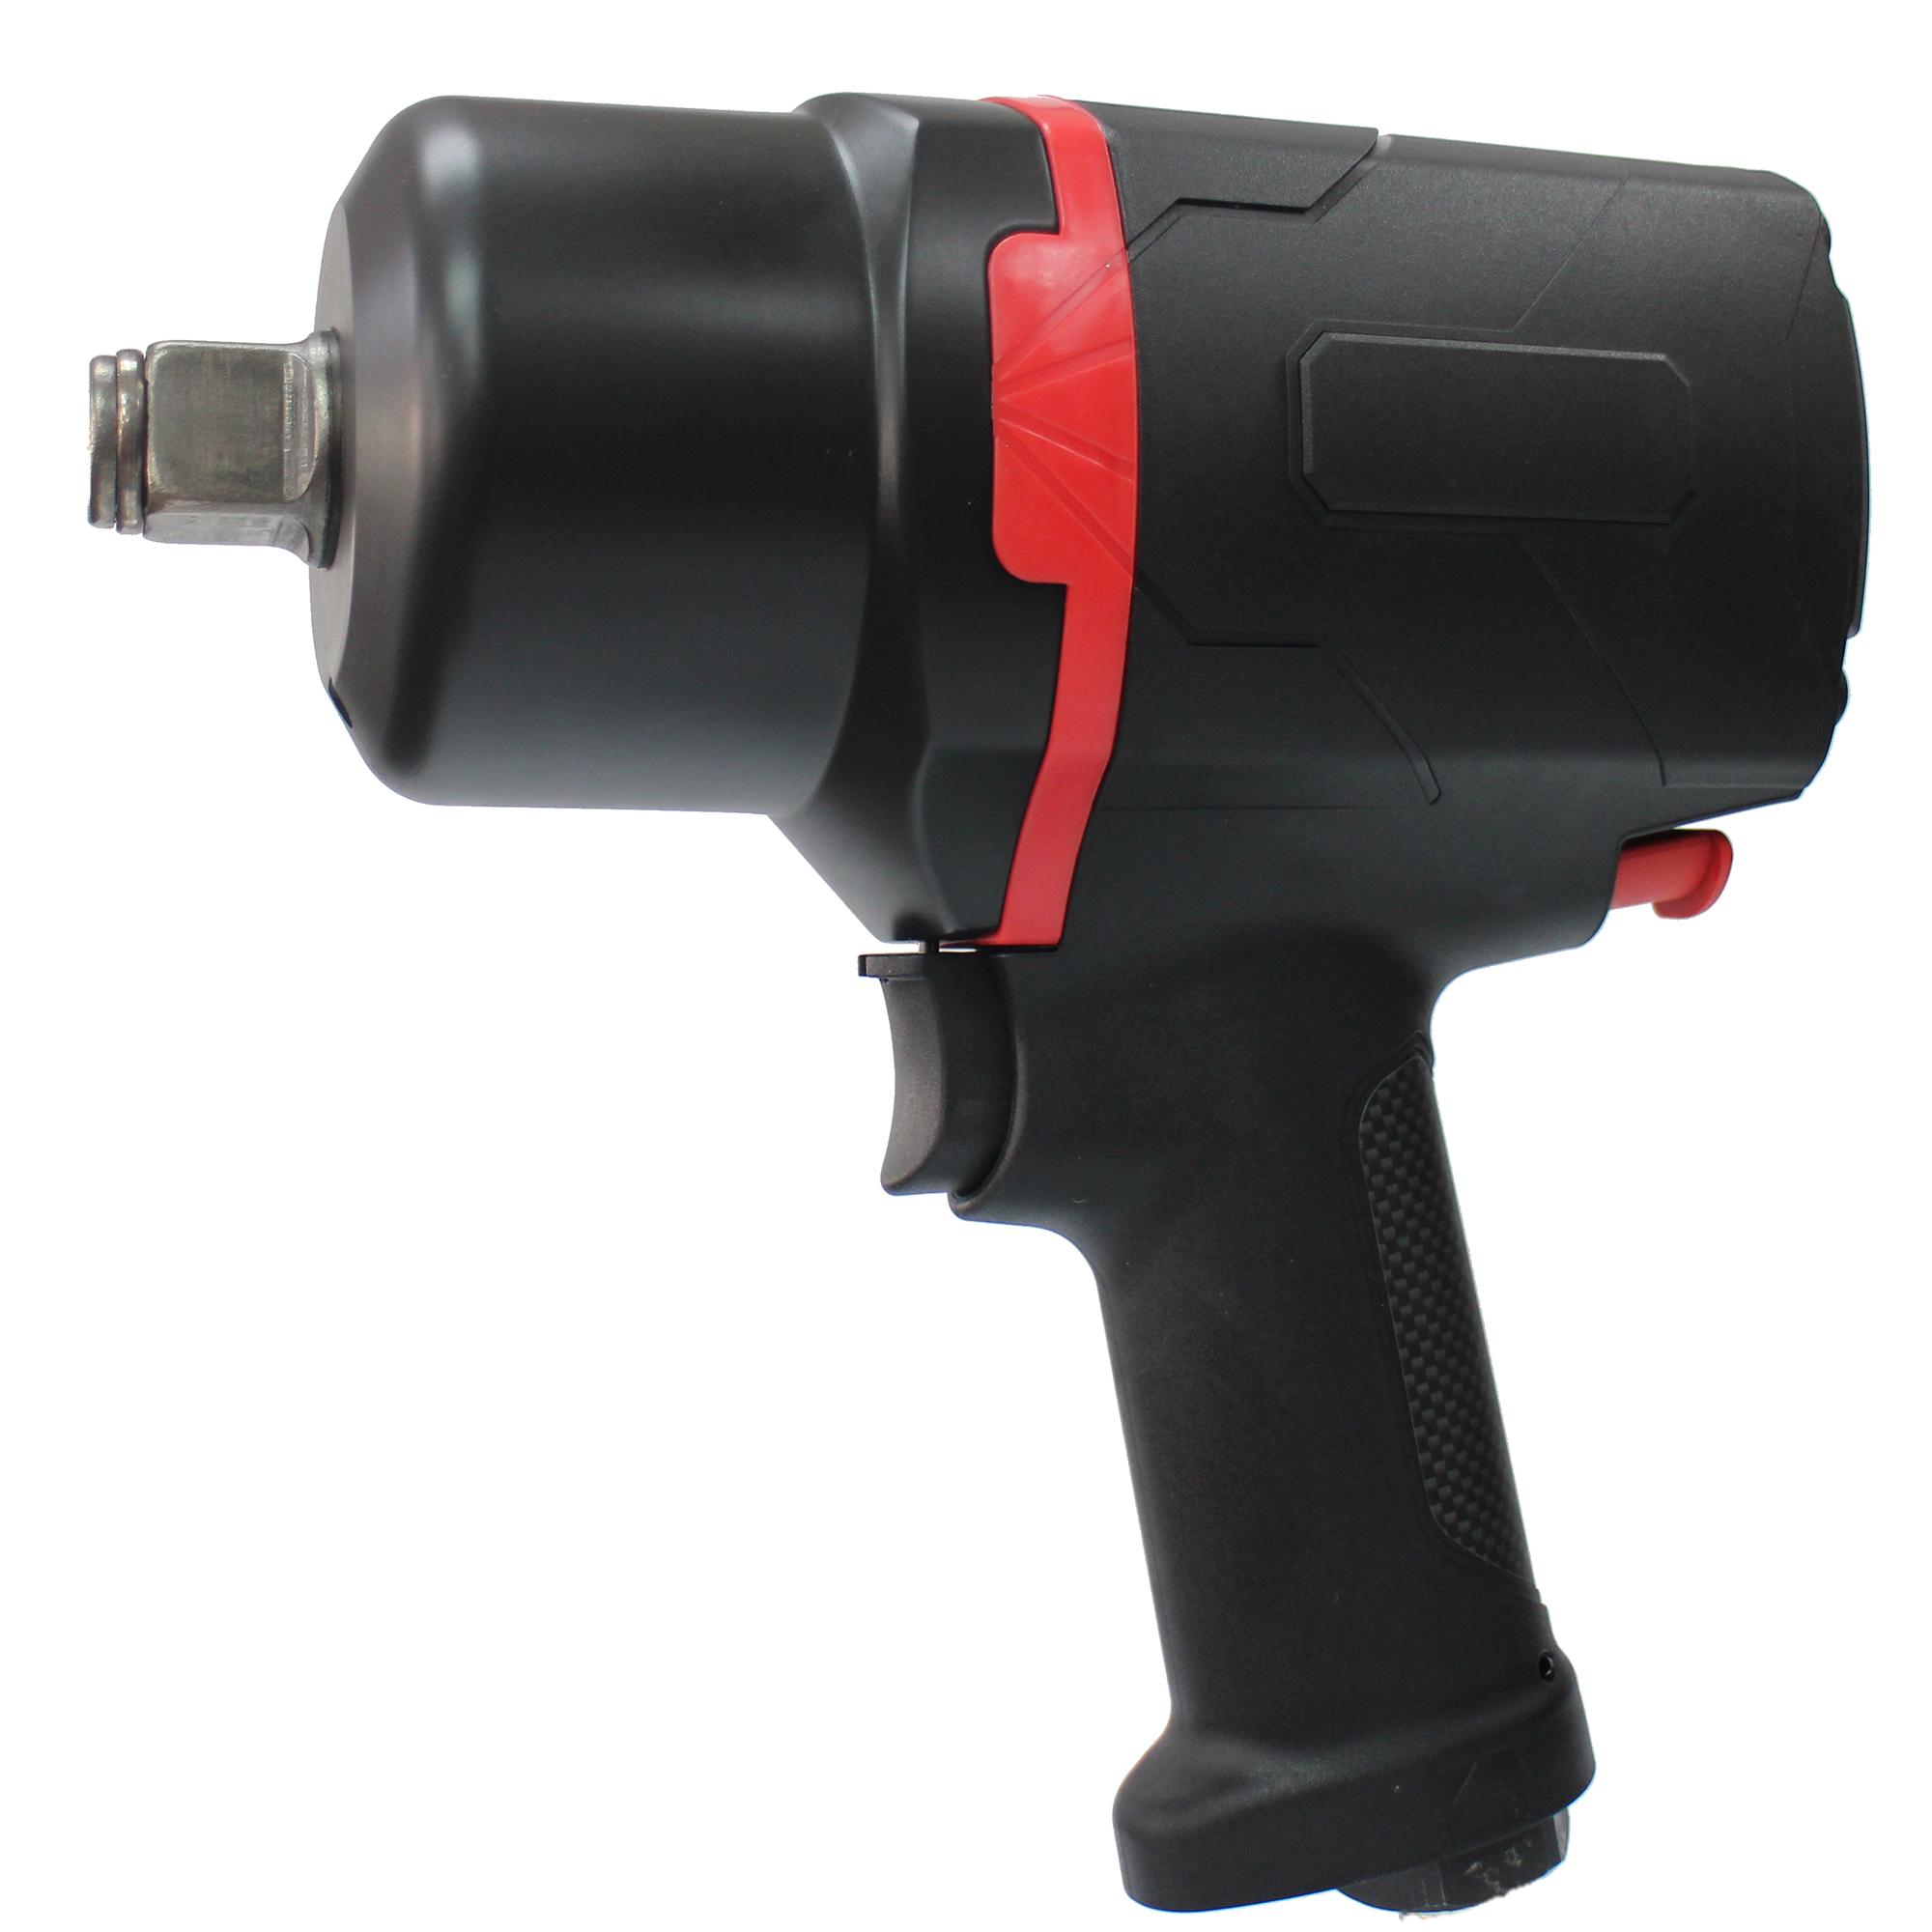 Súng vặn bu lông bằng khí nén Hyphone HY-1361A 3/4 inch